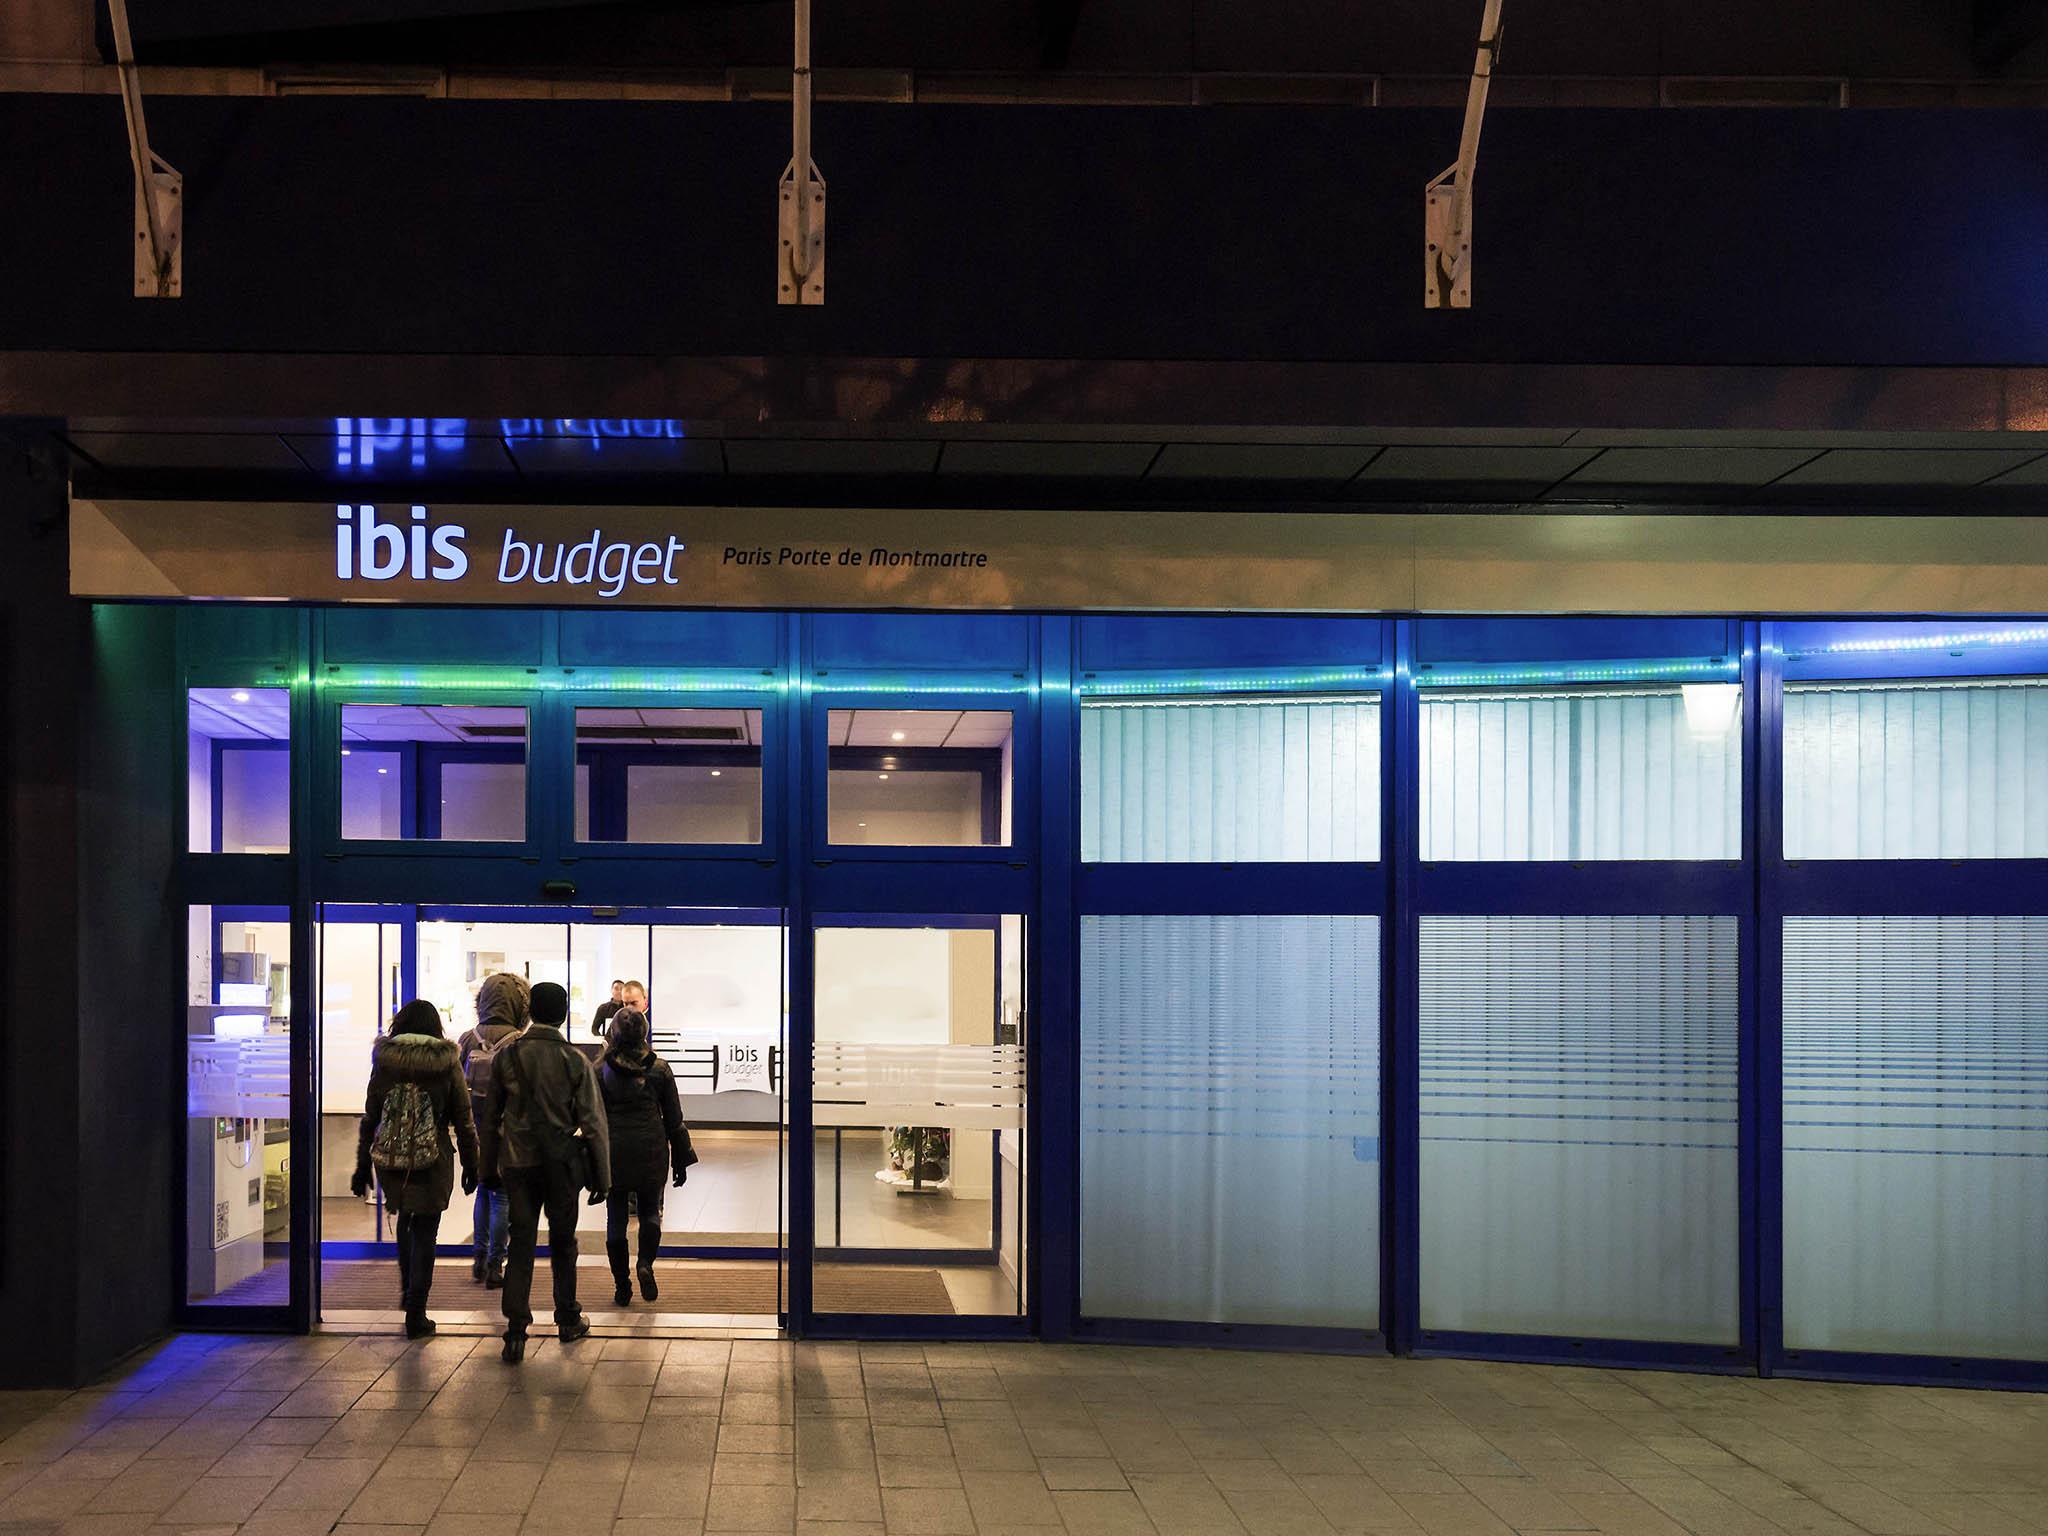 Hotel in paris ibis budget paris porte de montmartre for Hotel formule 1 porte montmartre